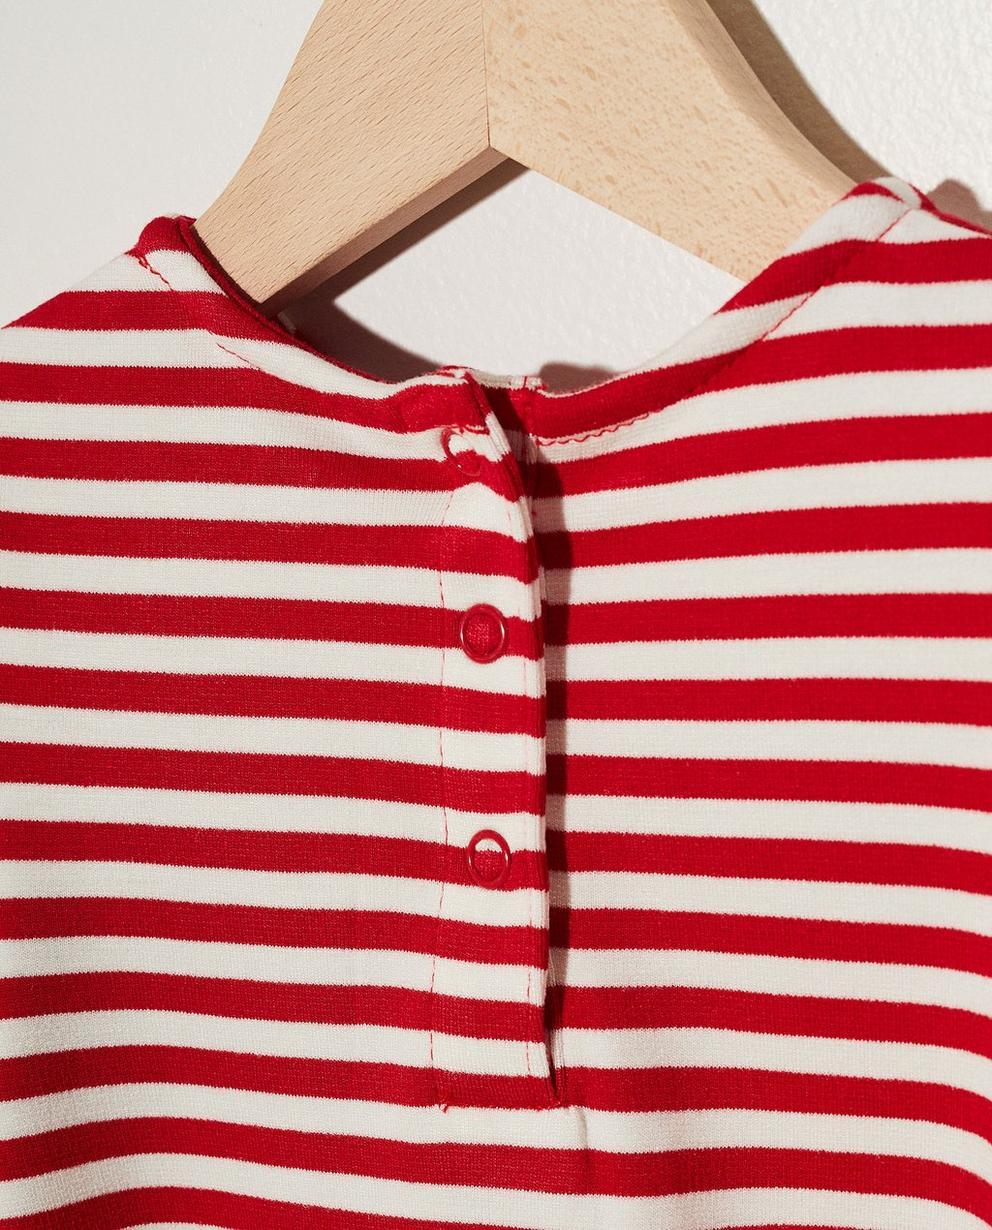 Kleider - Pflaume - Gestreiftes Kleidchen mit Rüschen